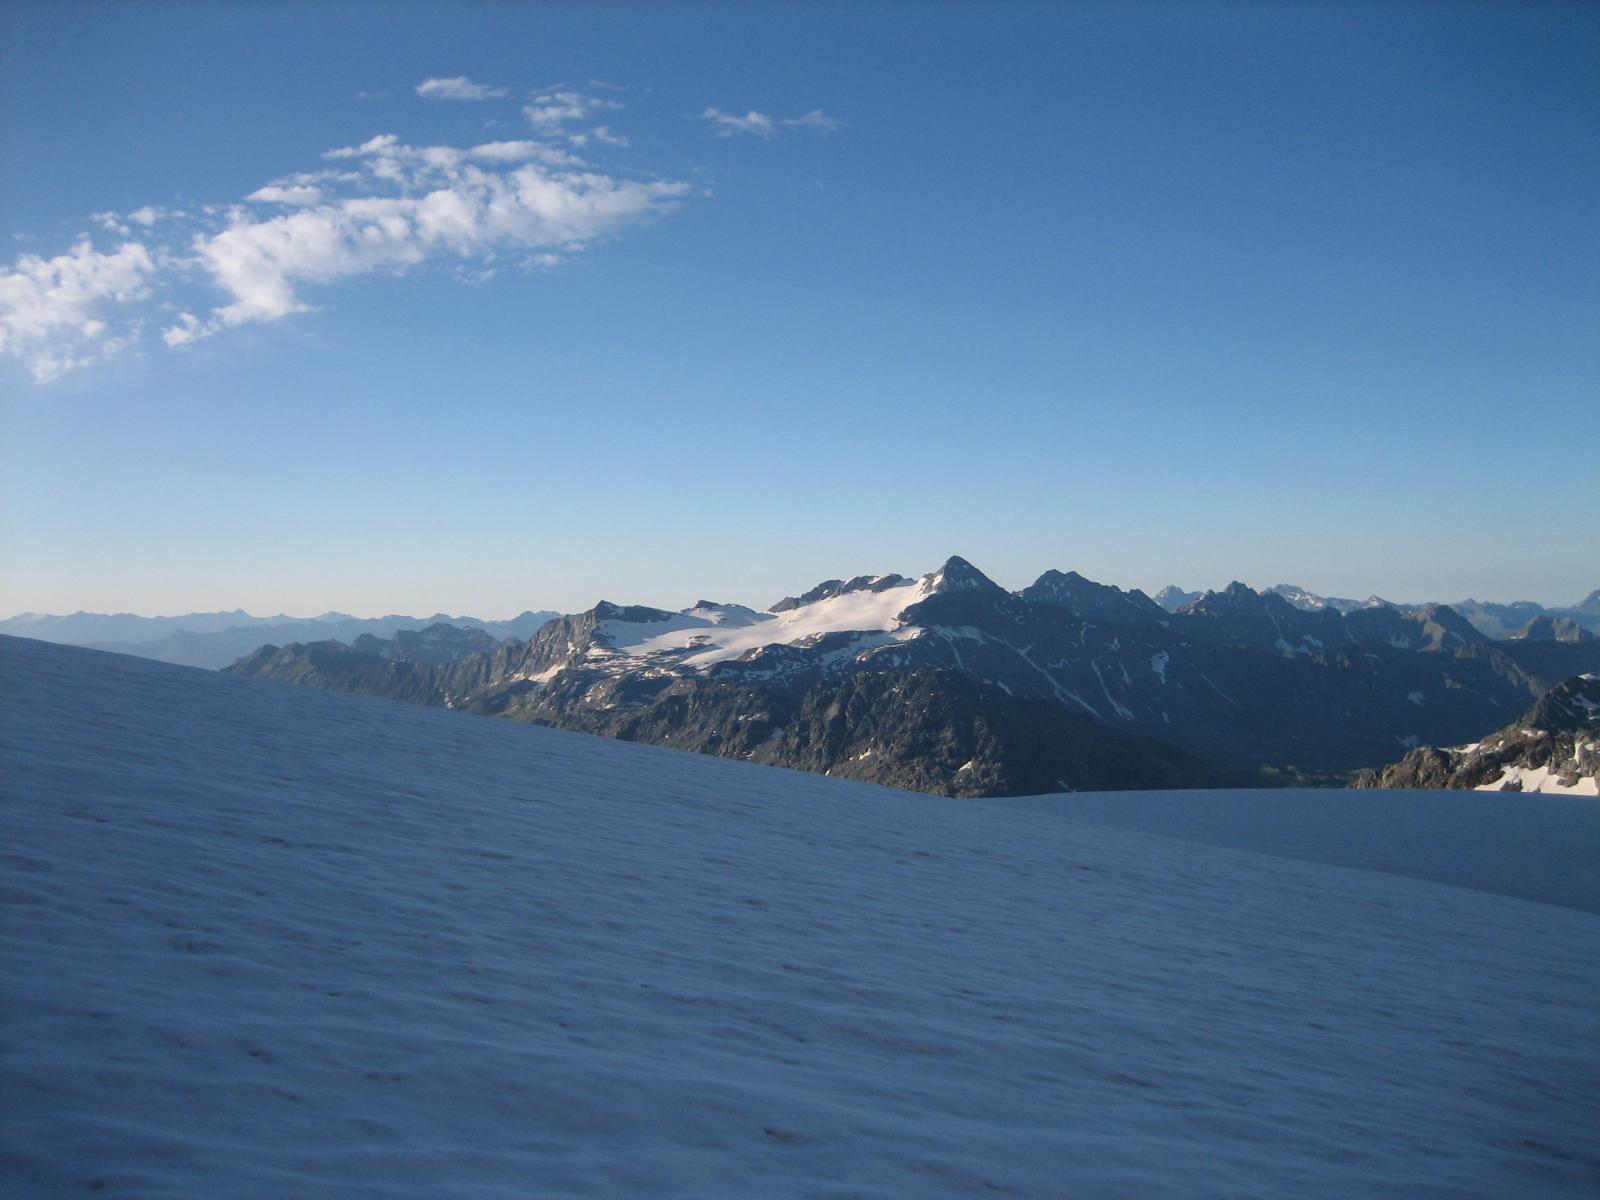 Il ghiacciao del Pizzo Scalino, detto